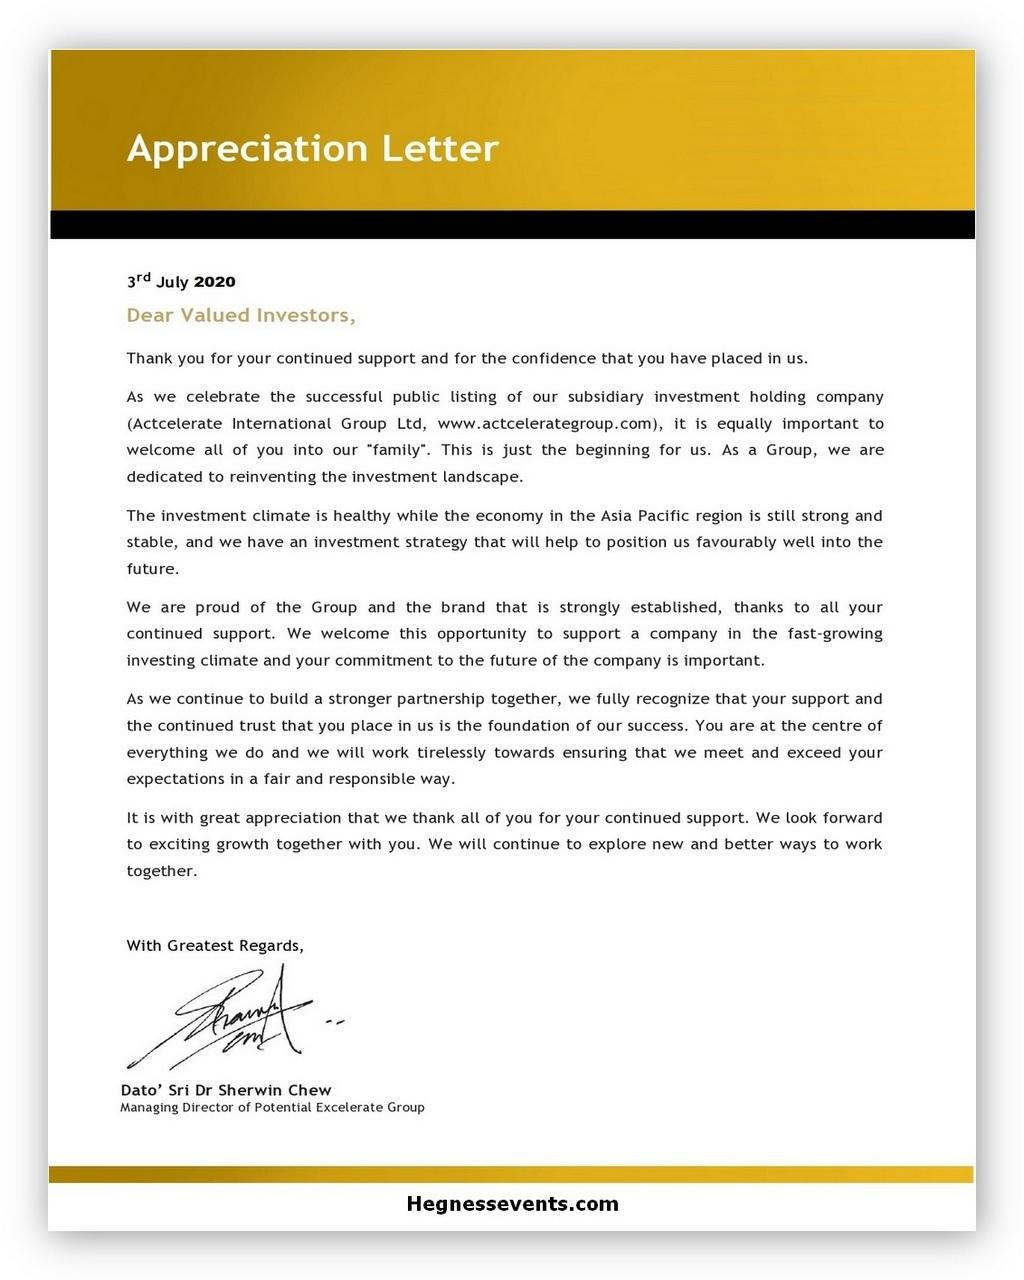 Appreciation Letter Template 08